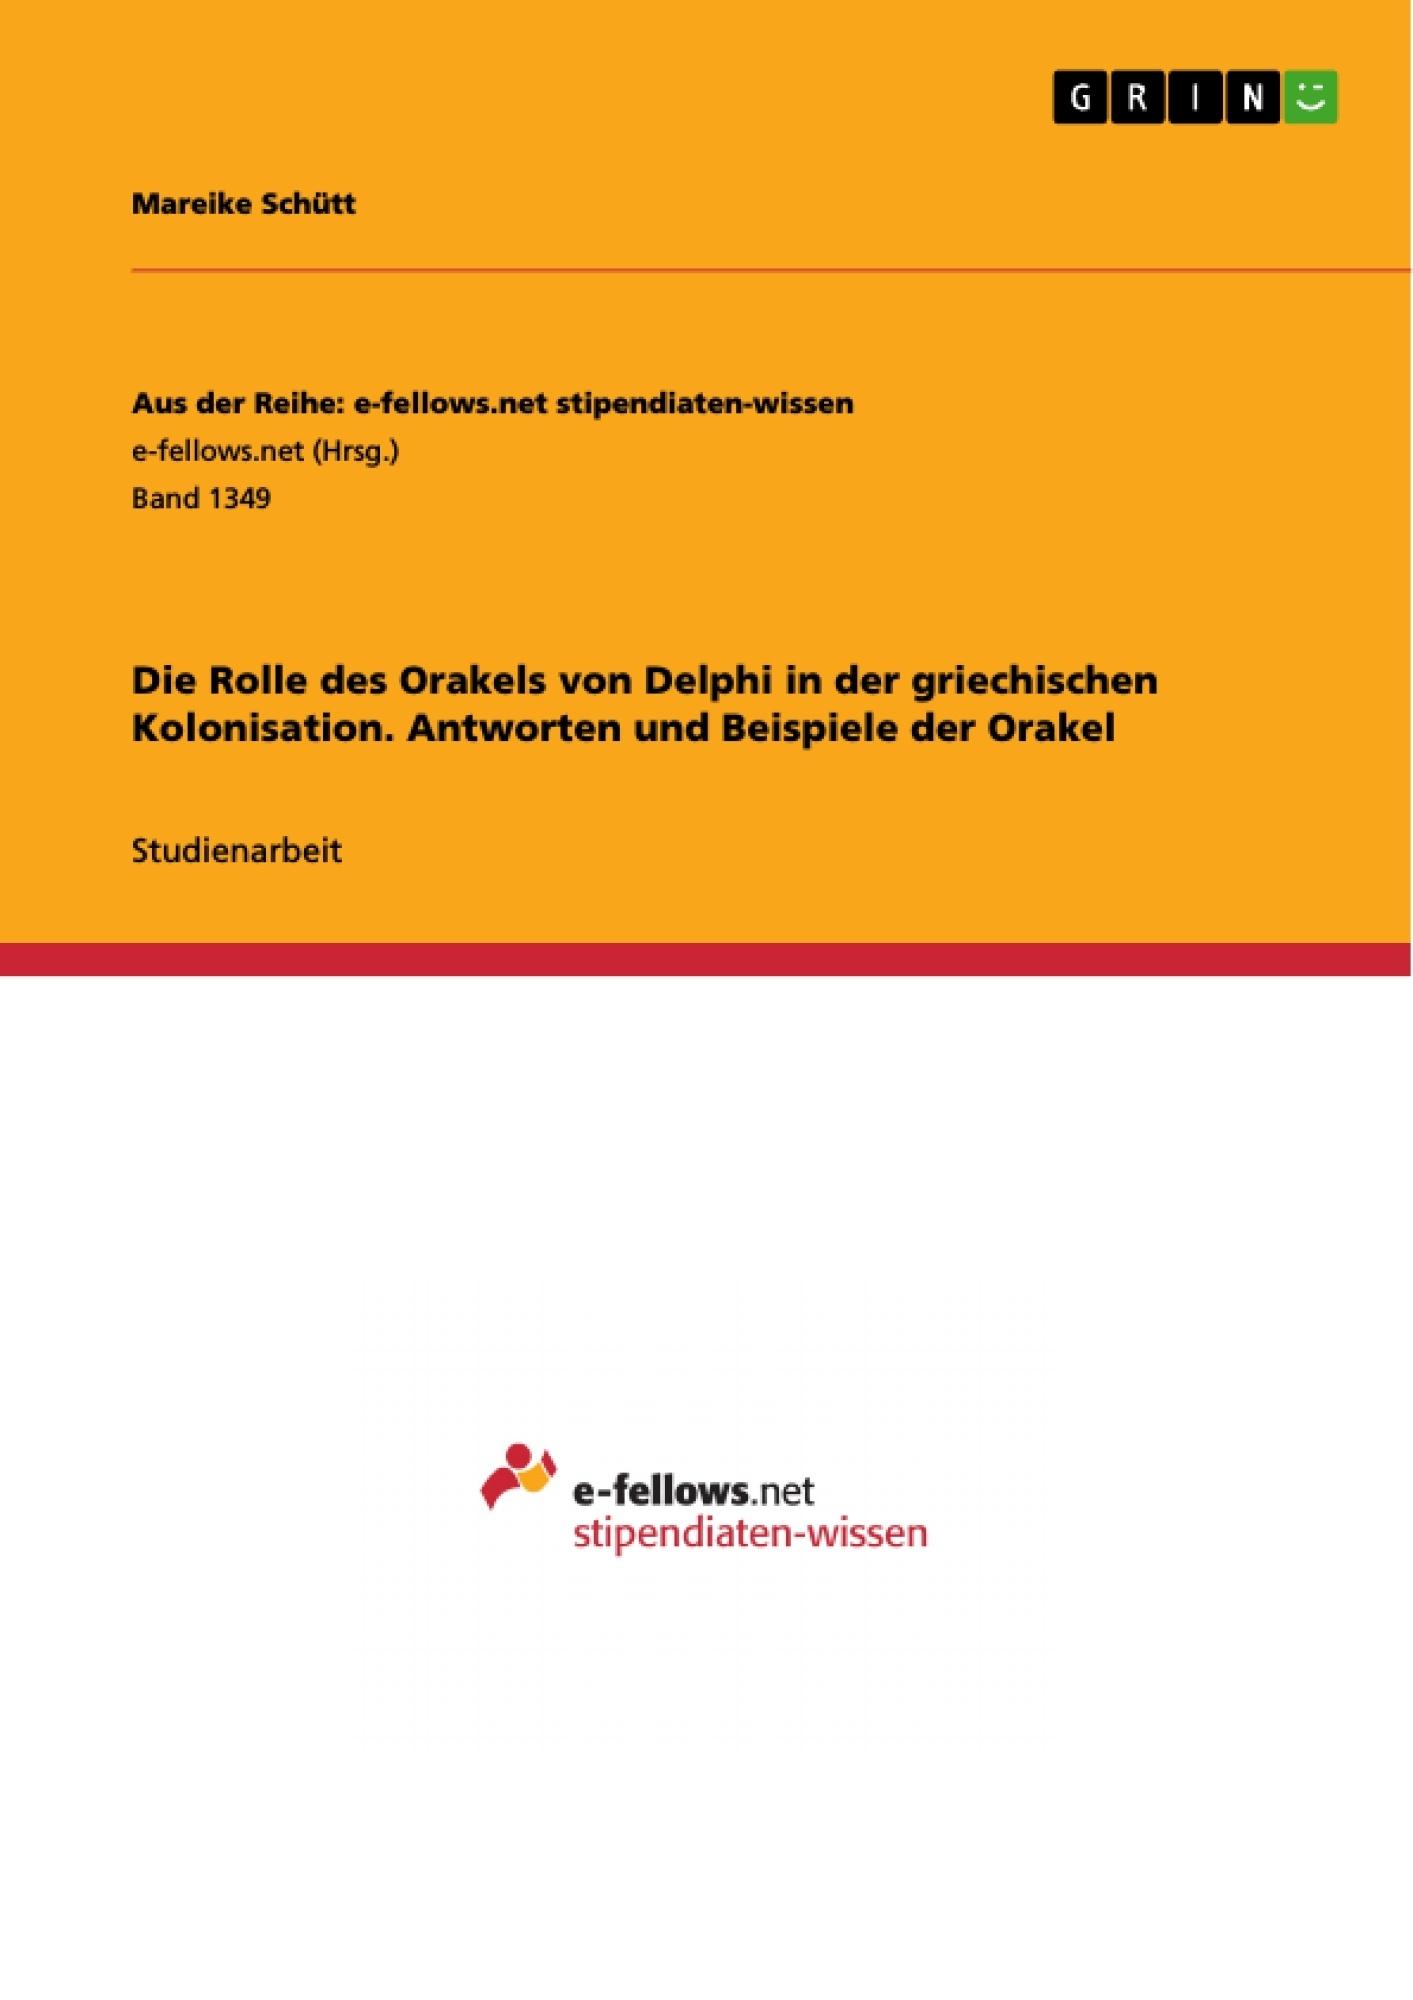 Titel: Die Rolle des Orakels von Delphi in der griechischen Kolonisation. Antworten und Beispiele der Orakel